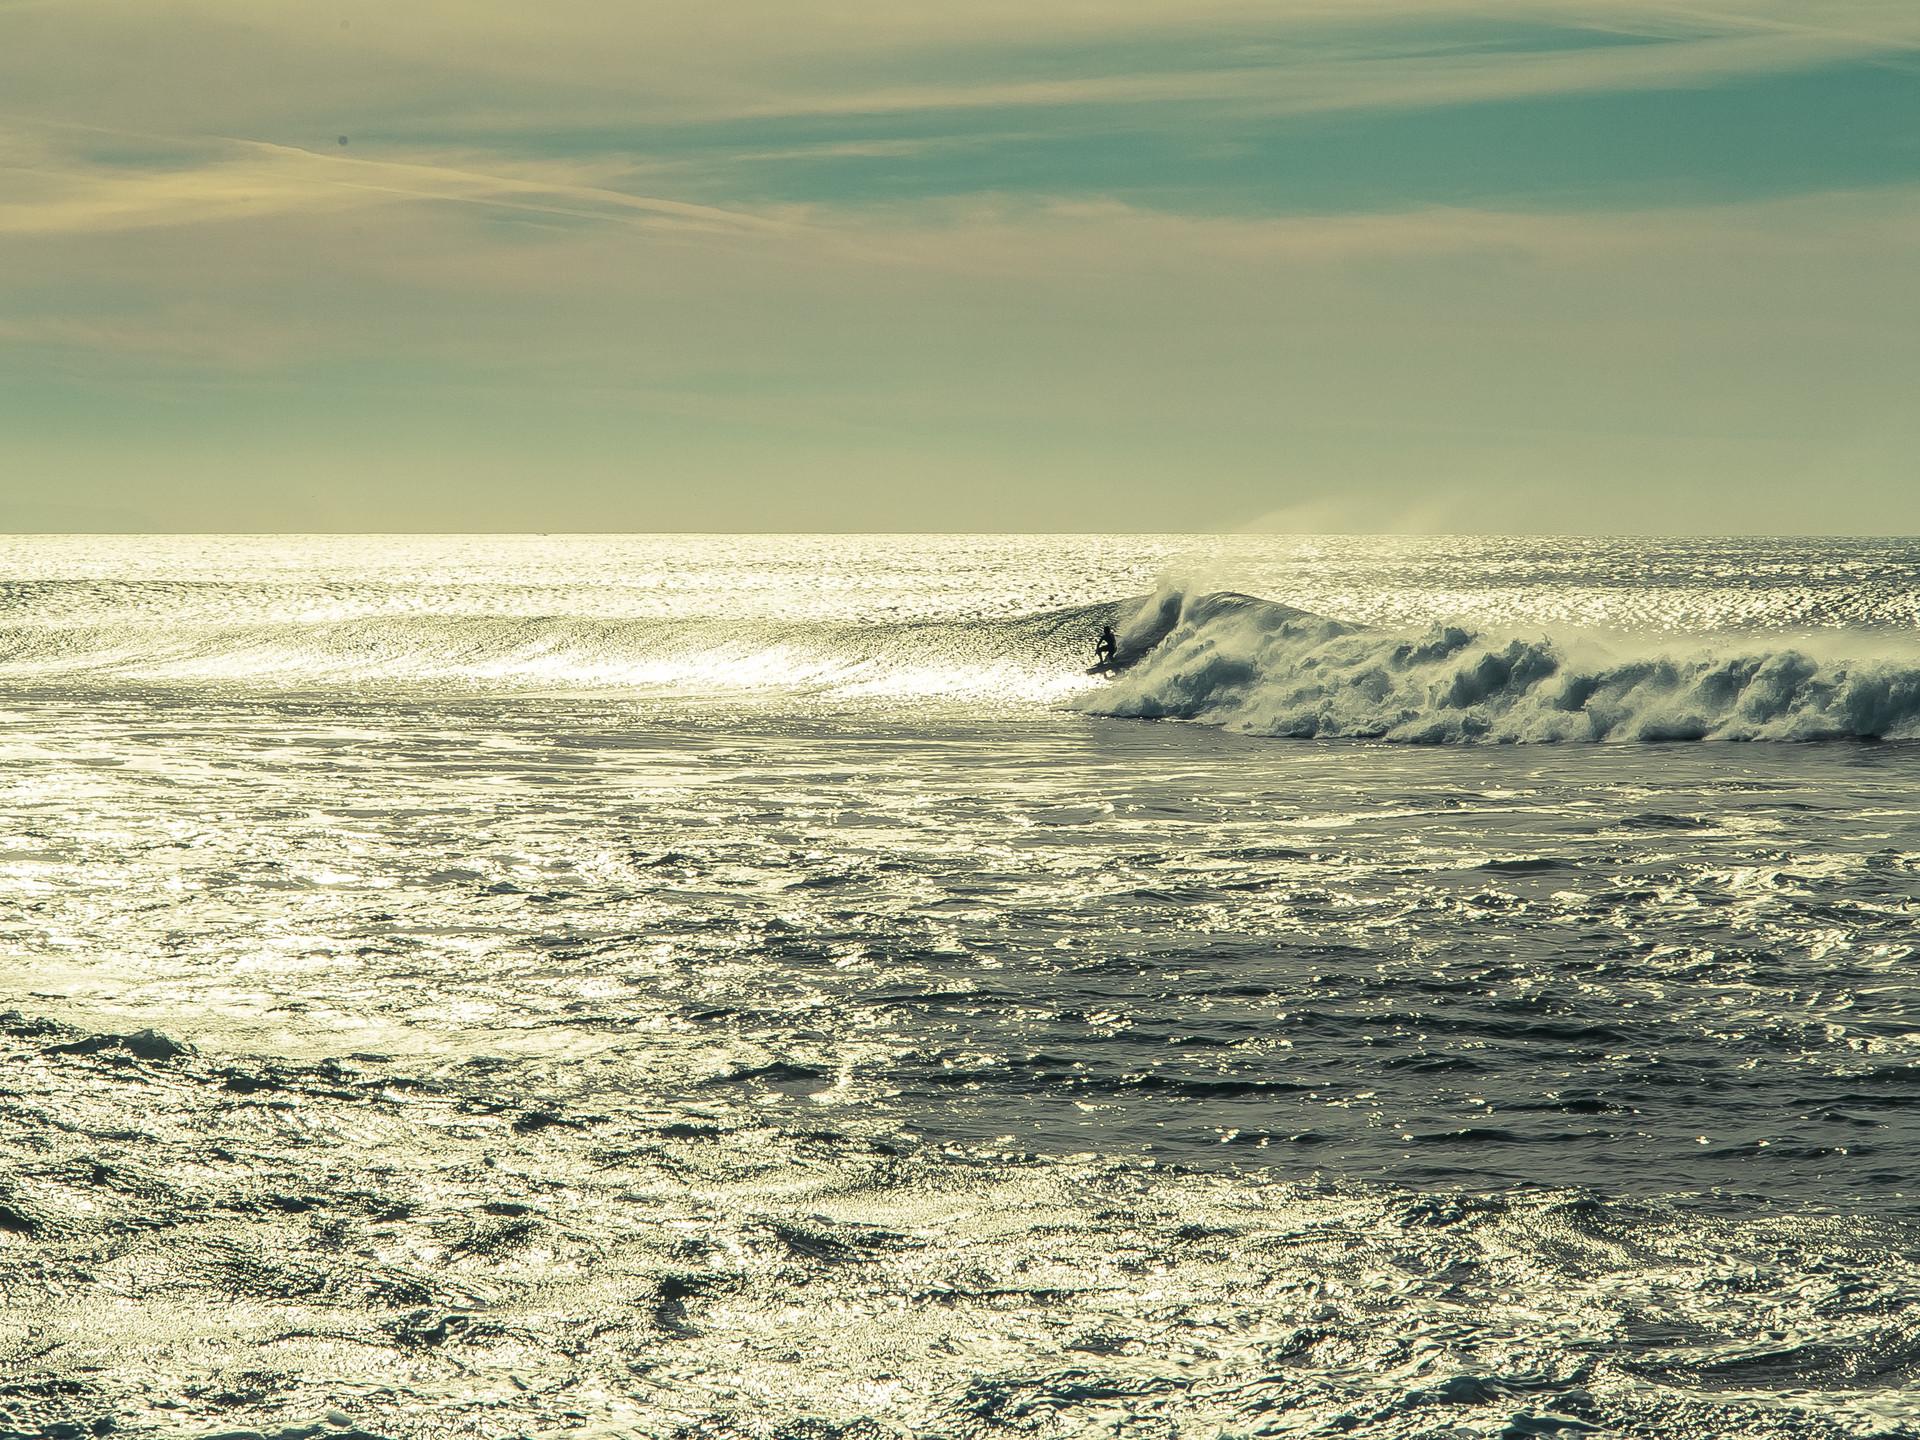 surfing-lisbon-daf23caf271860a4cbbdaa1f9